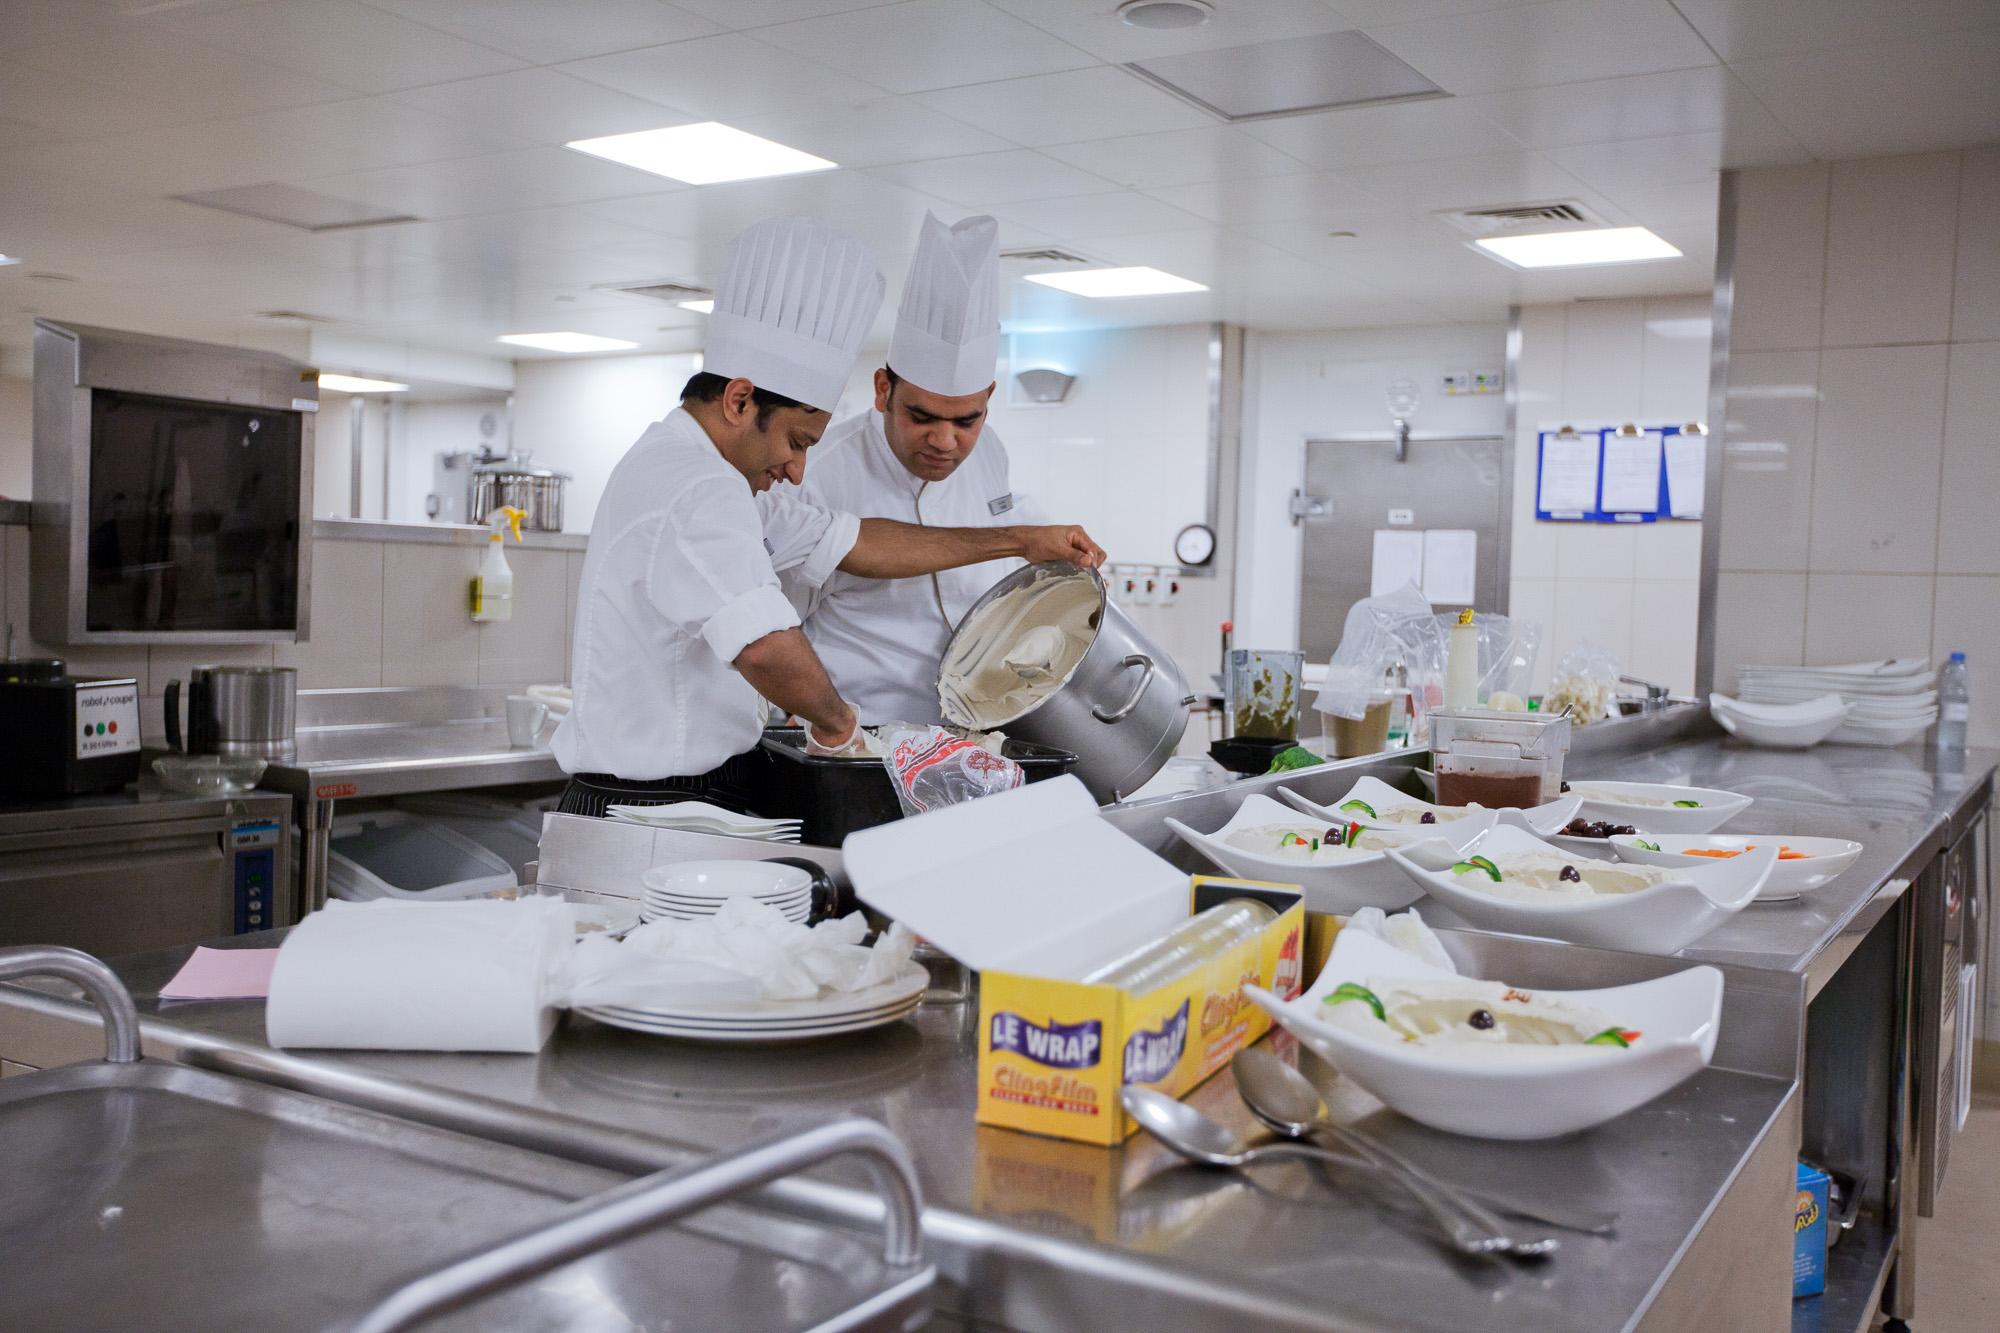 Italia_kitchen_-meydan-7